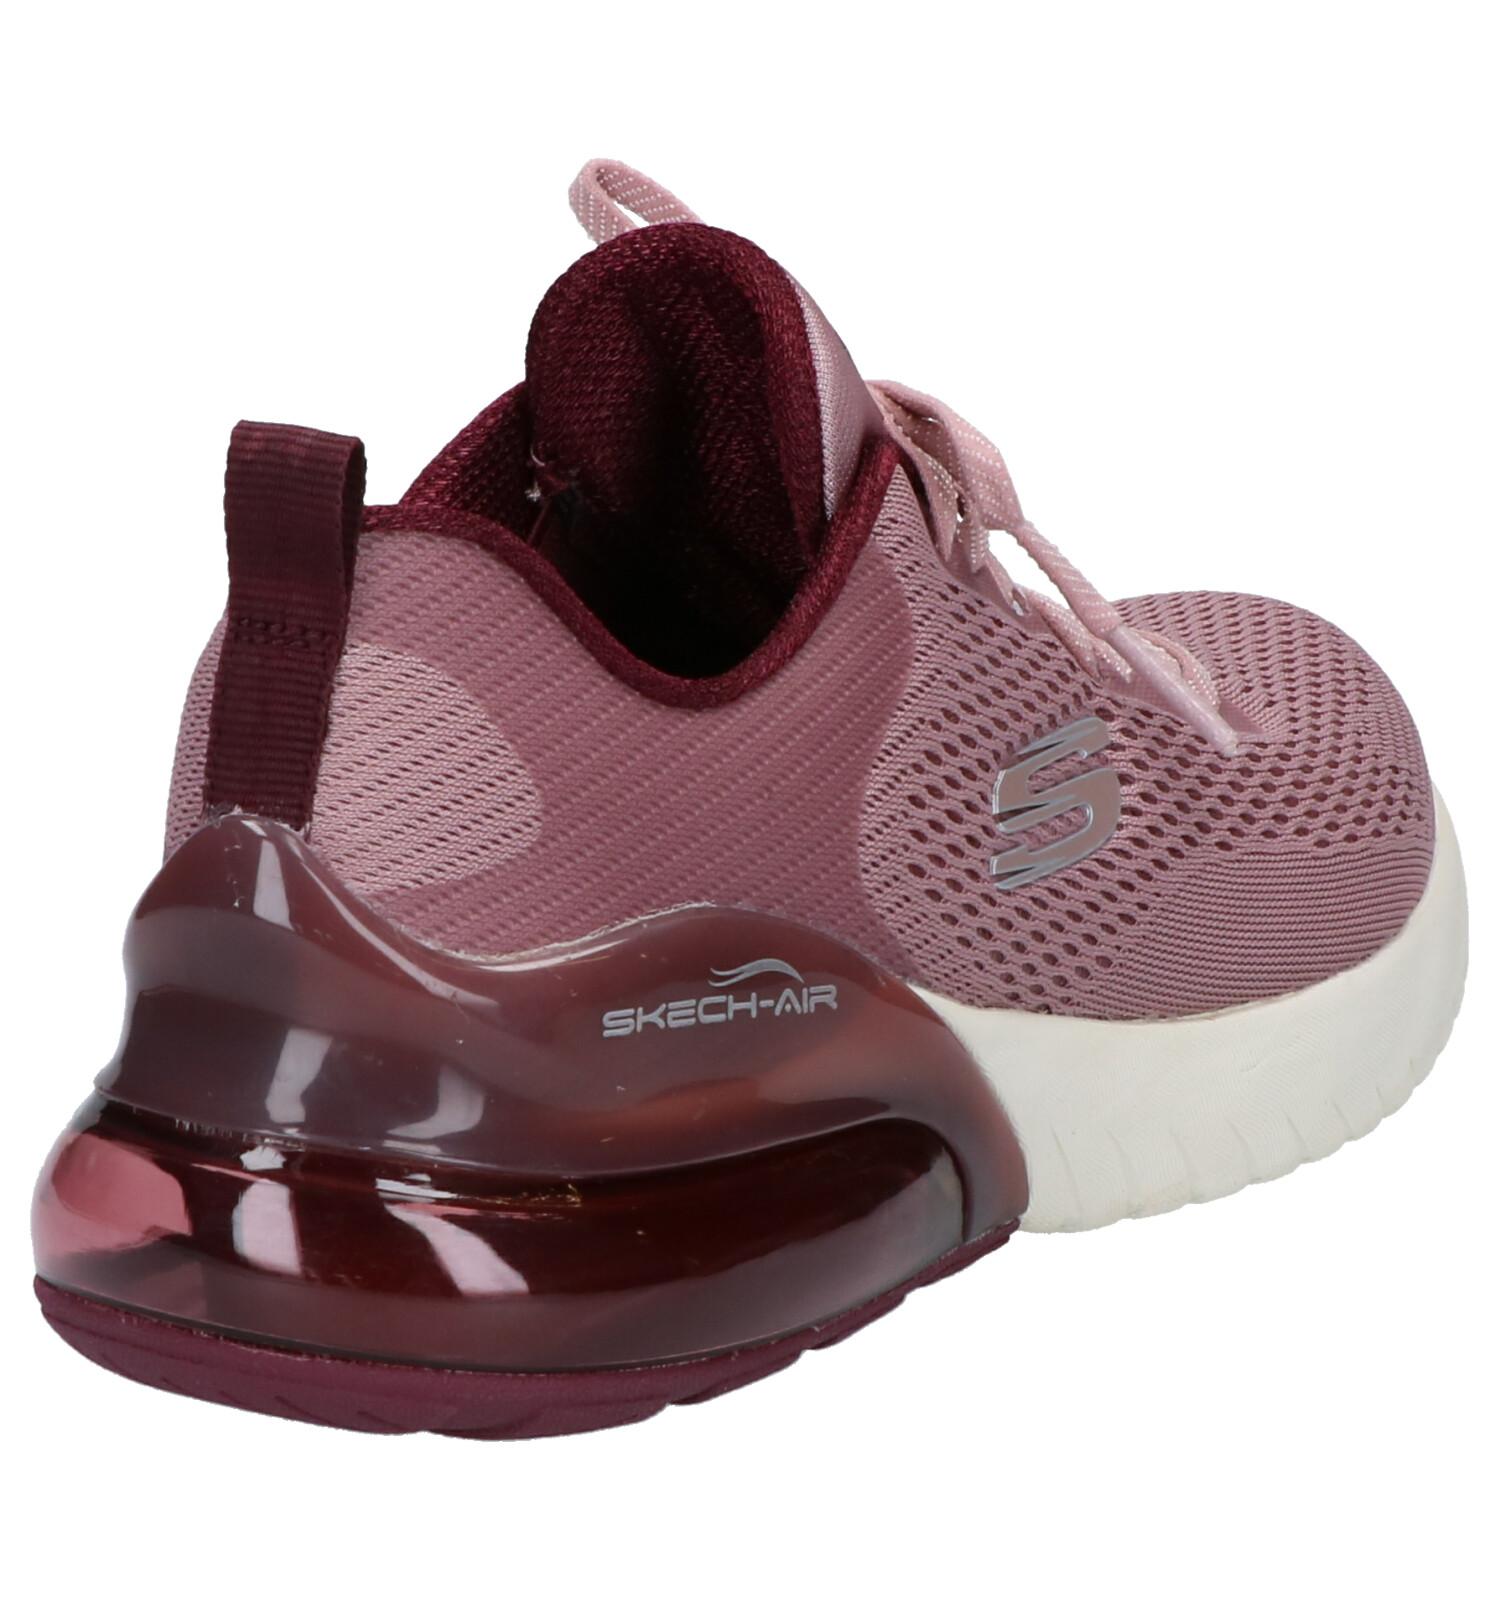 Skechers Knit Stretch Baskets basses en Violet | TORFS.BE